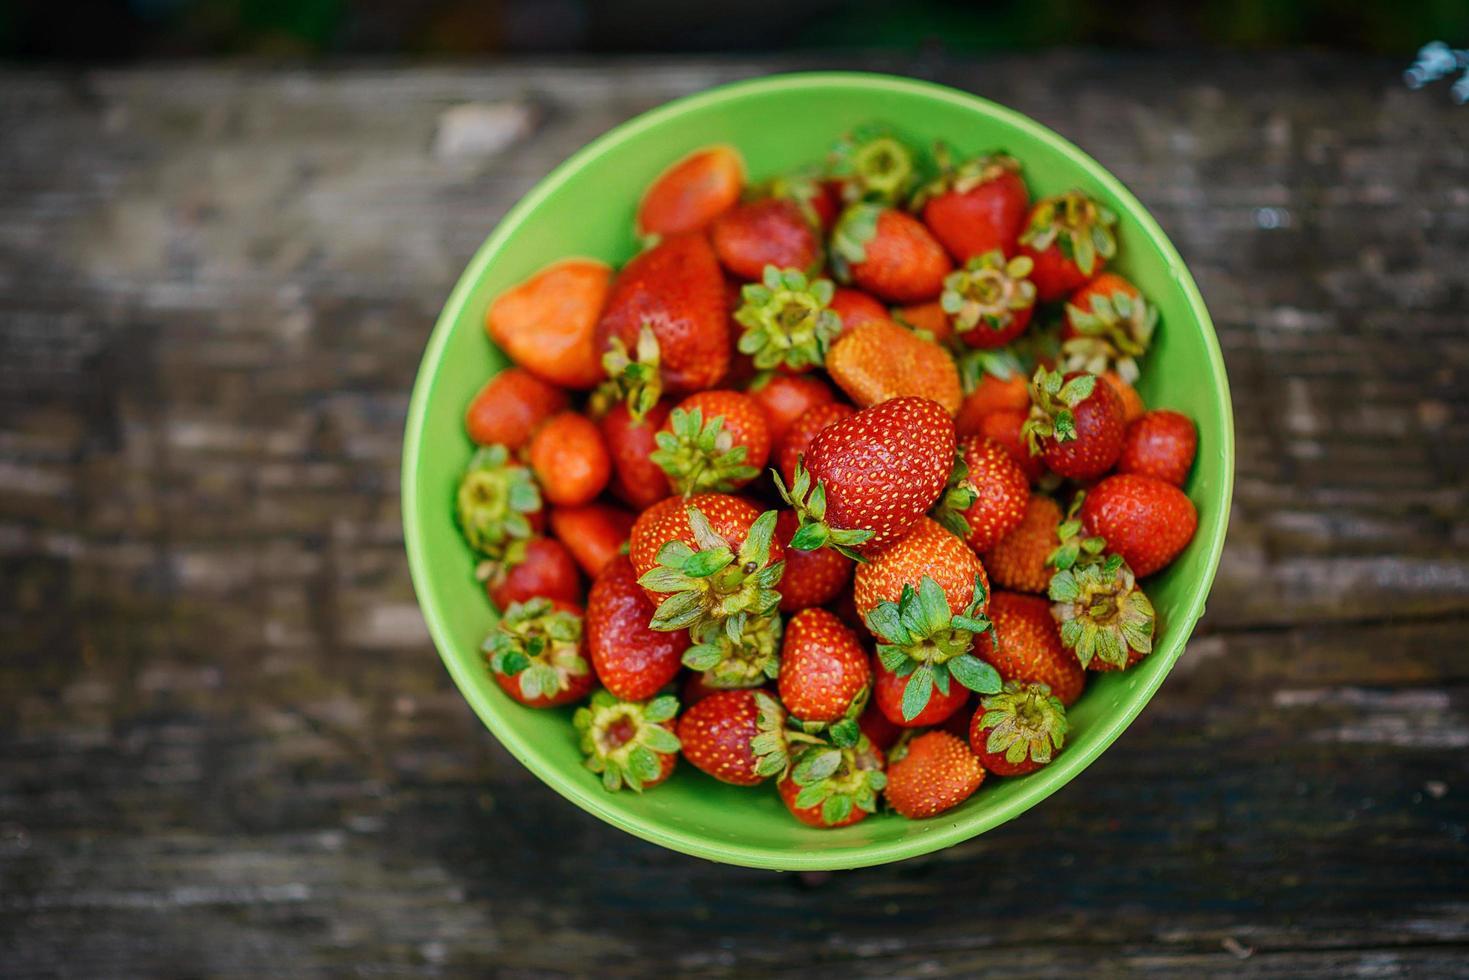 fresas maduras fragantes jugosas brillantes en una placa verde. foto